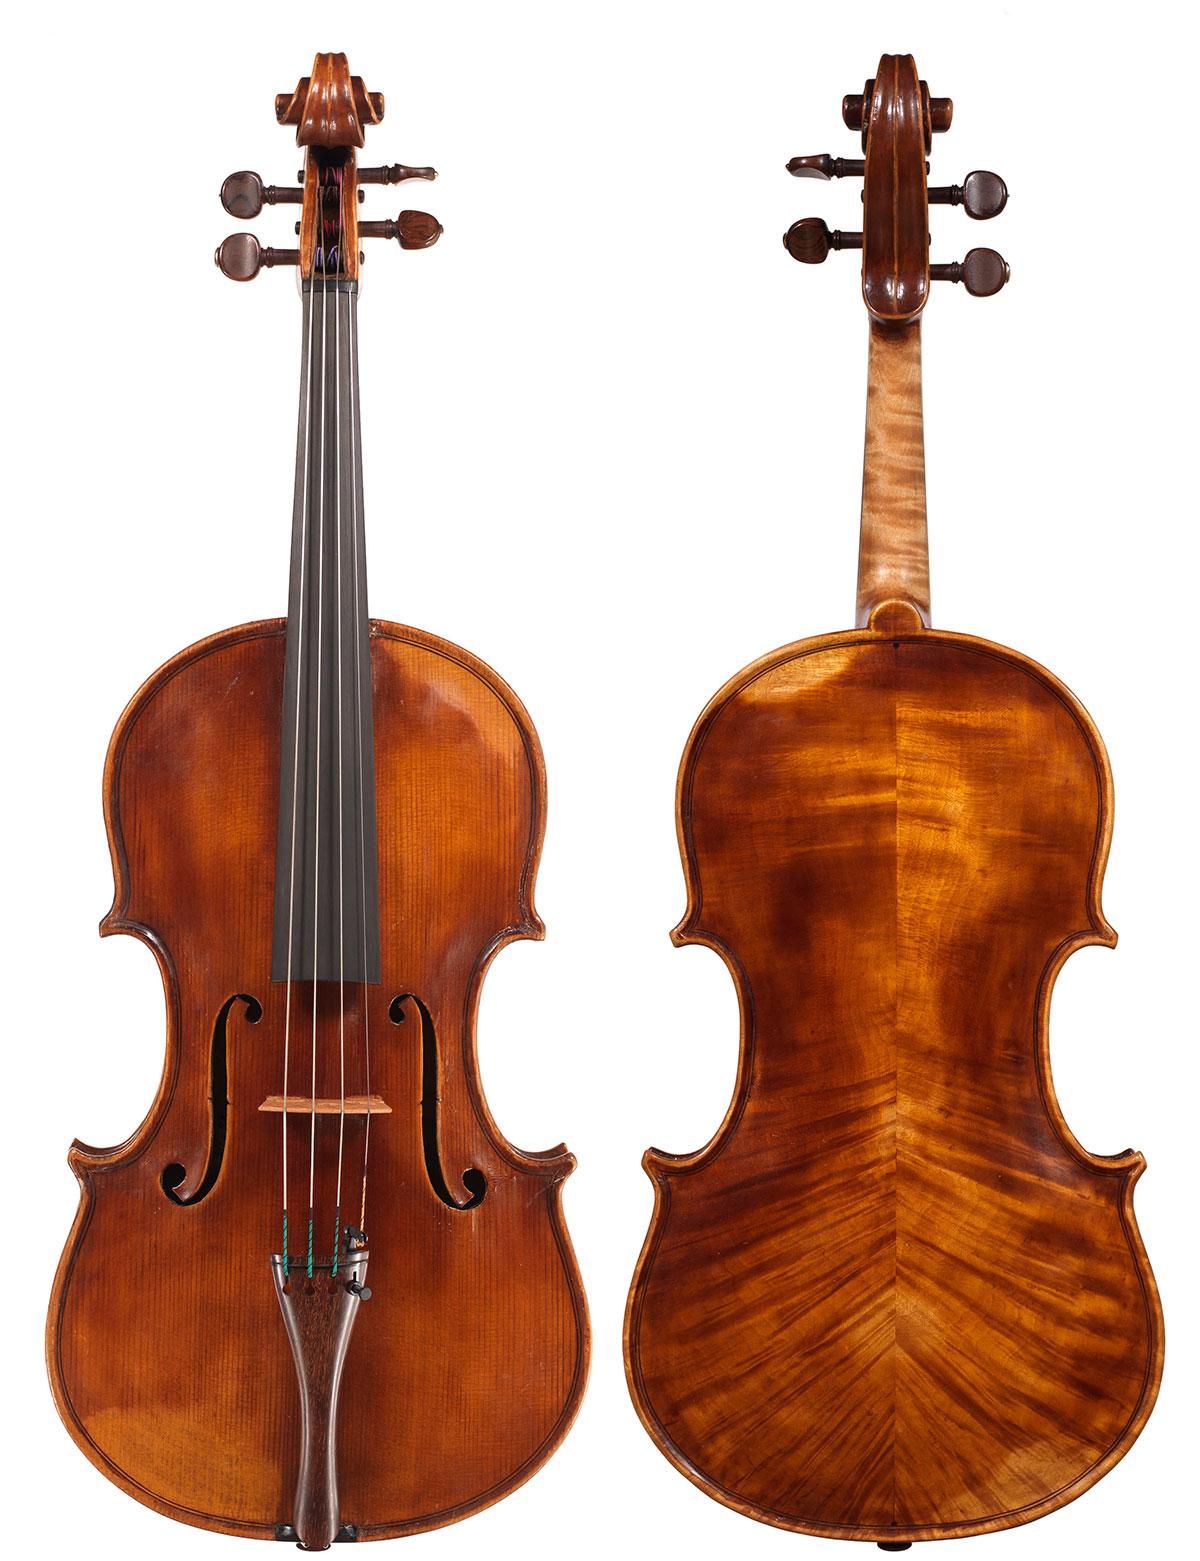 Viola by Celeste Farotto